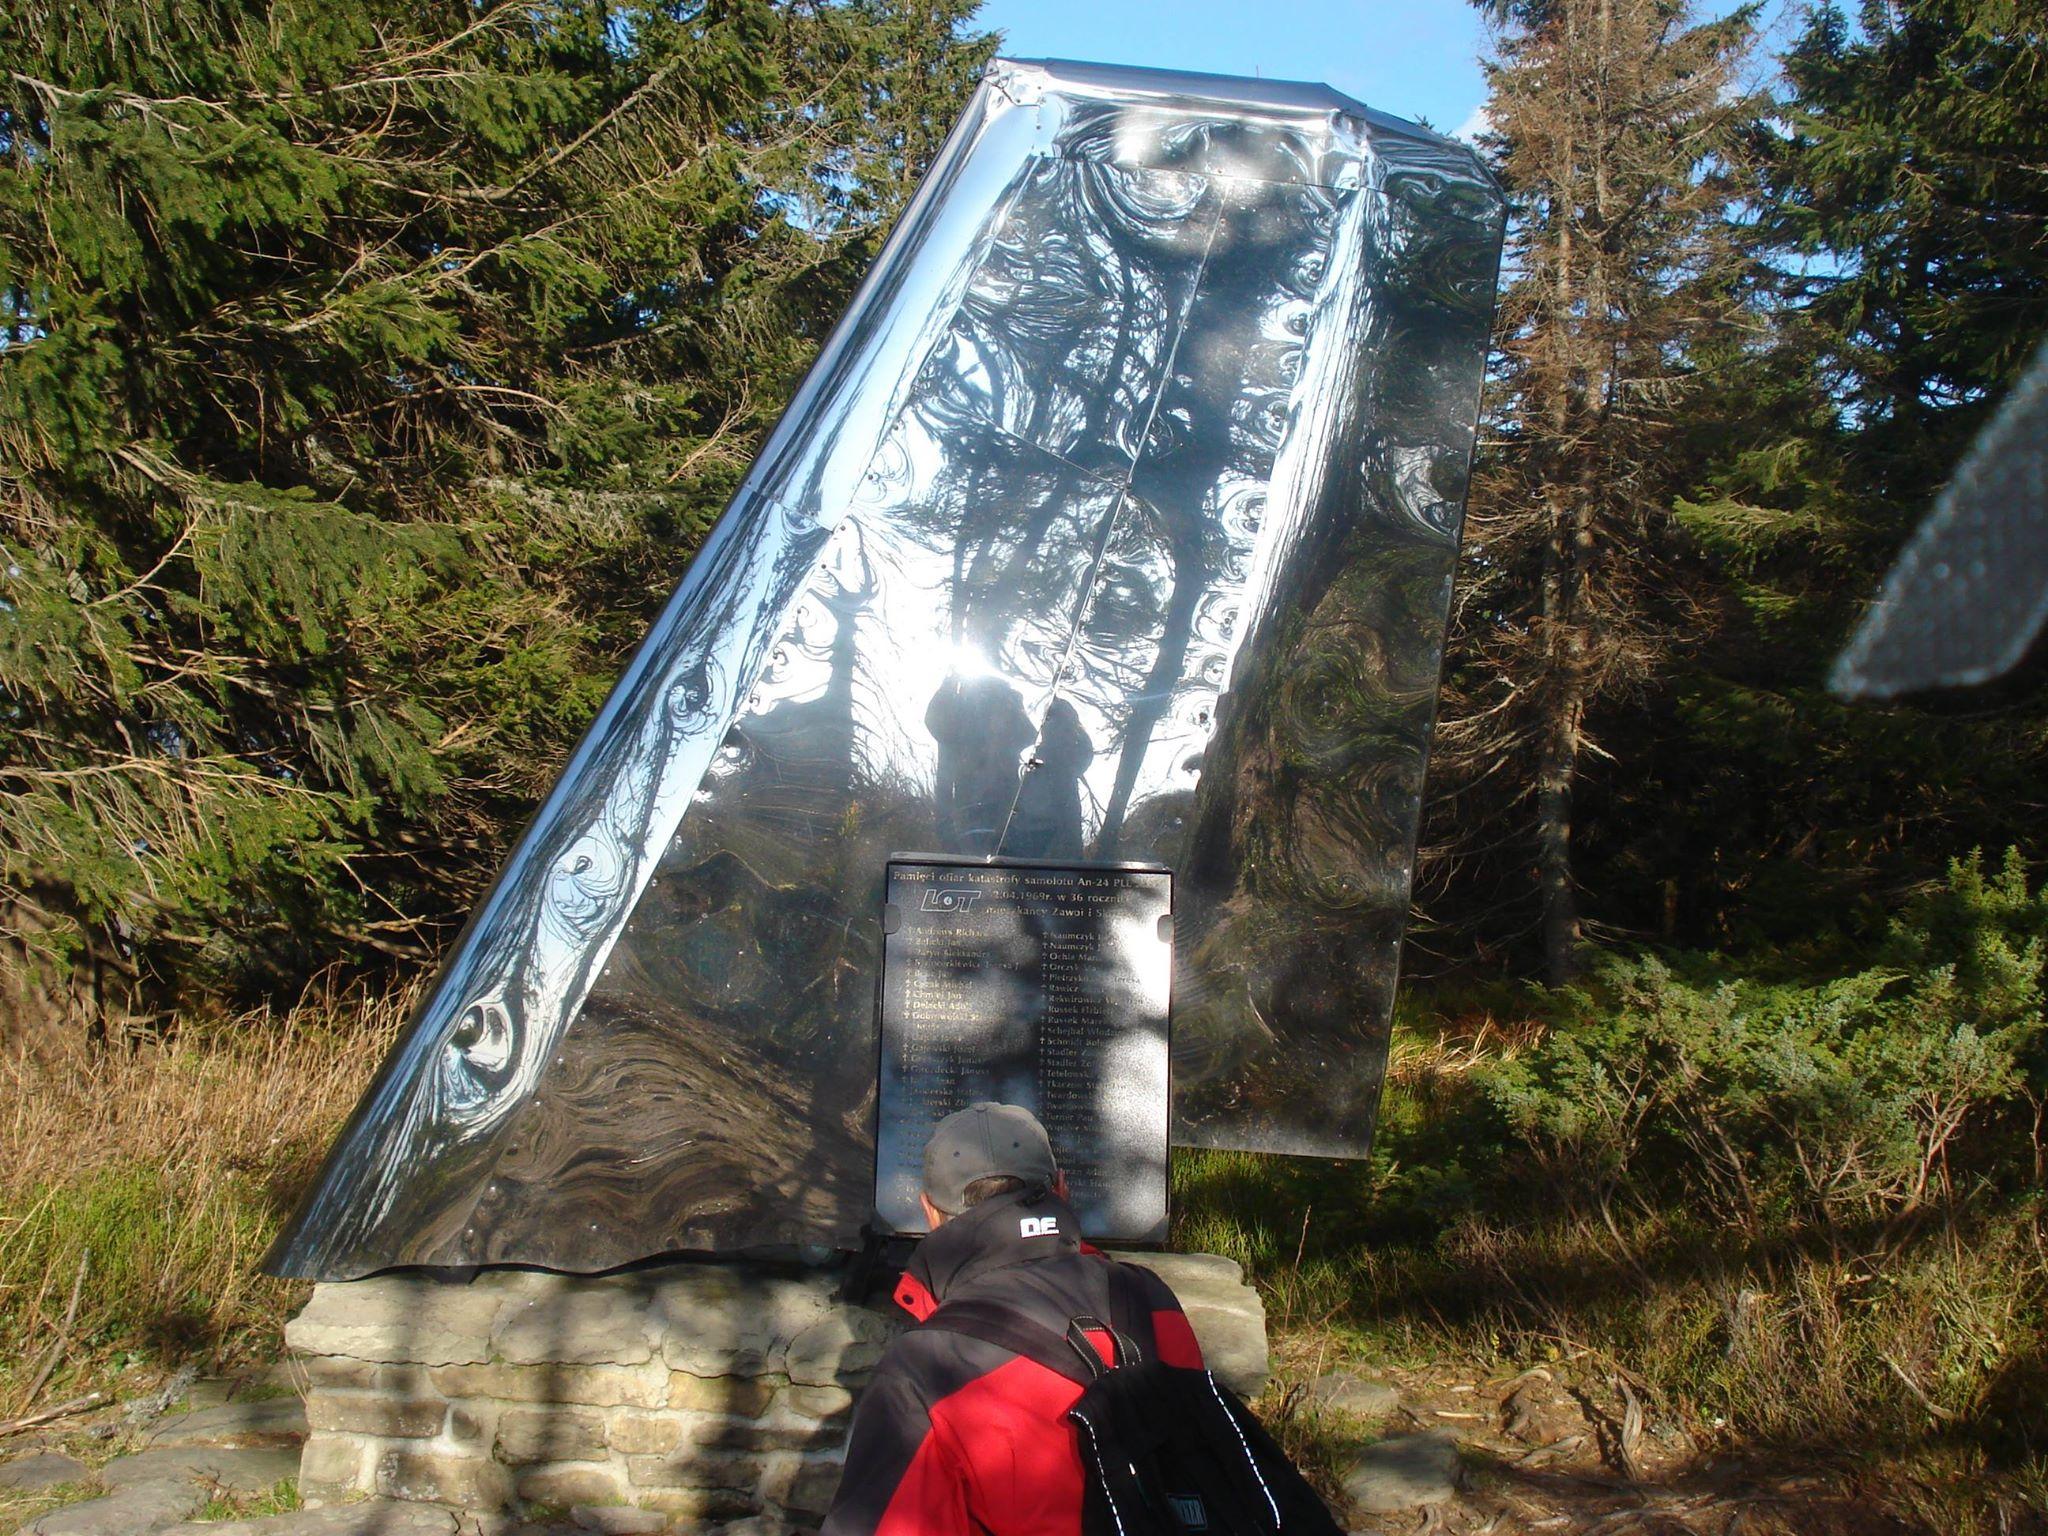 Pomnik naPolicy upamiętniający katastrofę, ufundowany w2009 r., zdj. M. Mostowik